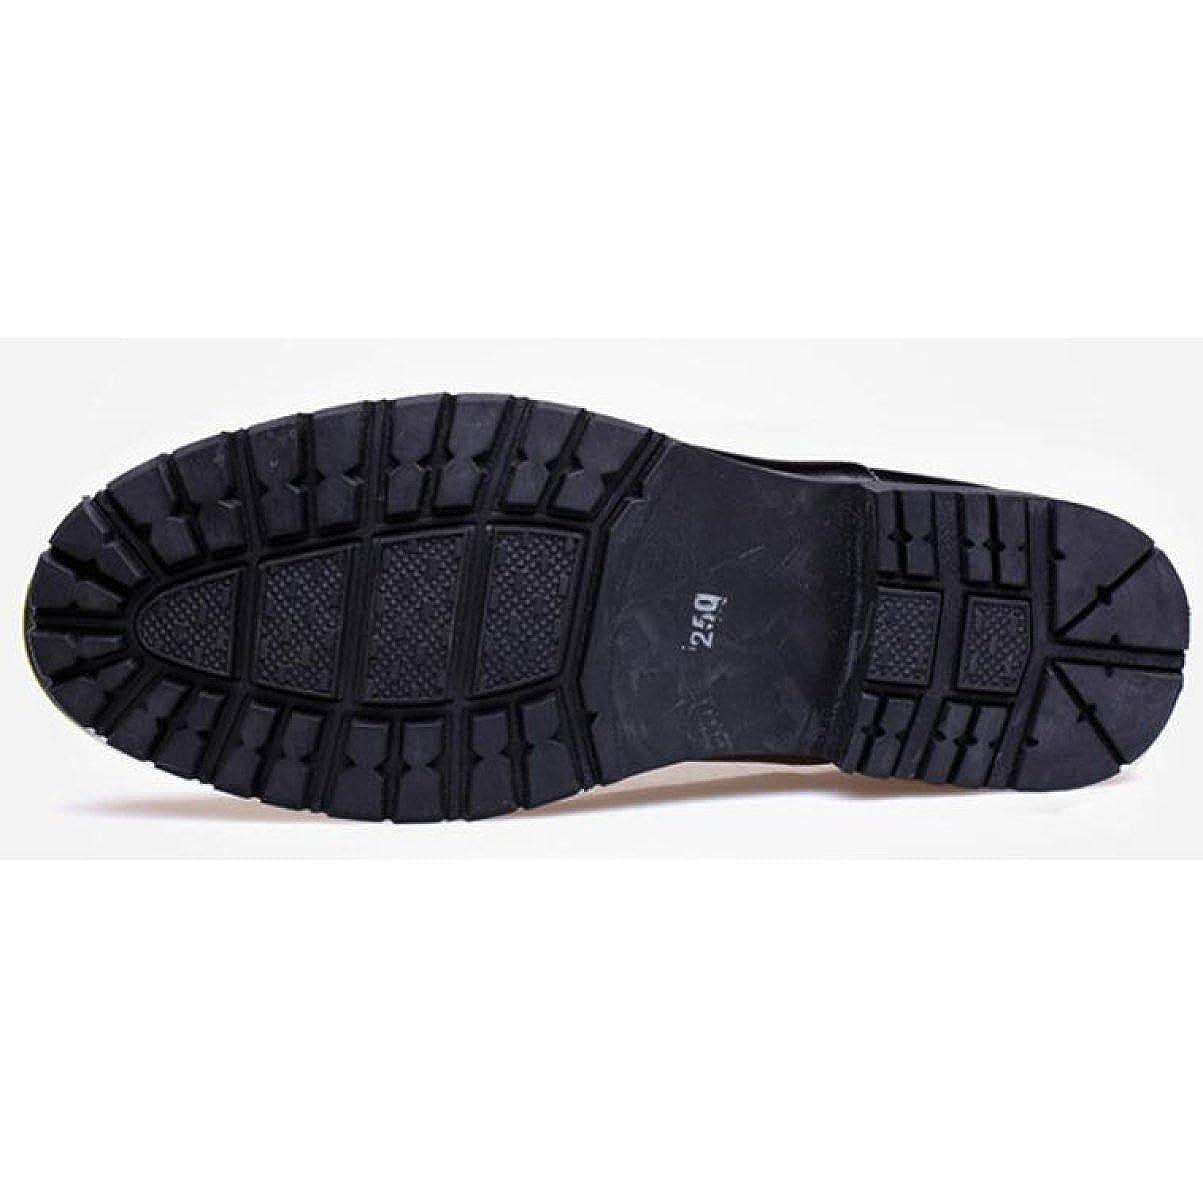 Herbst Und Winter Schuhe Business Männer Leder Offizier Sergeant Business Schuhe Schuhe schwarzschuhe b151a0